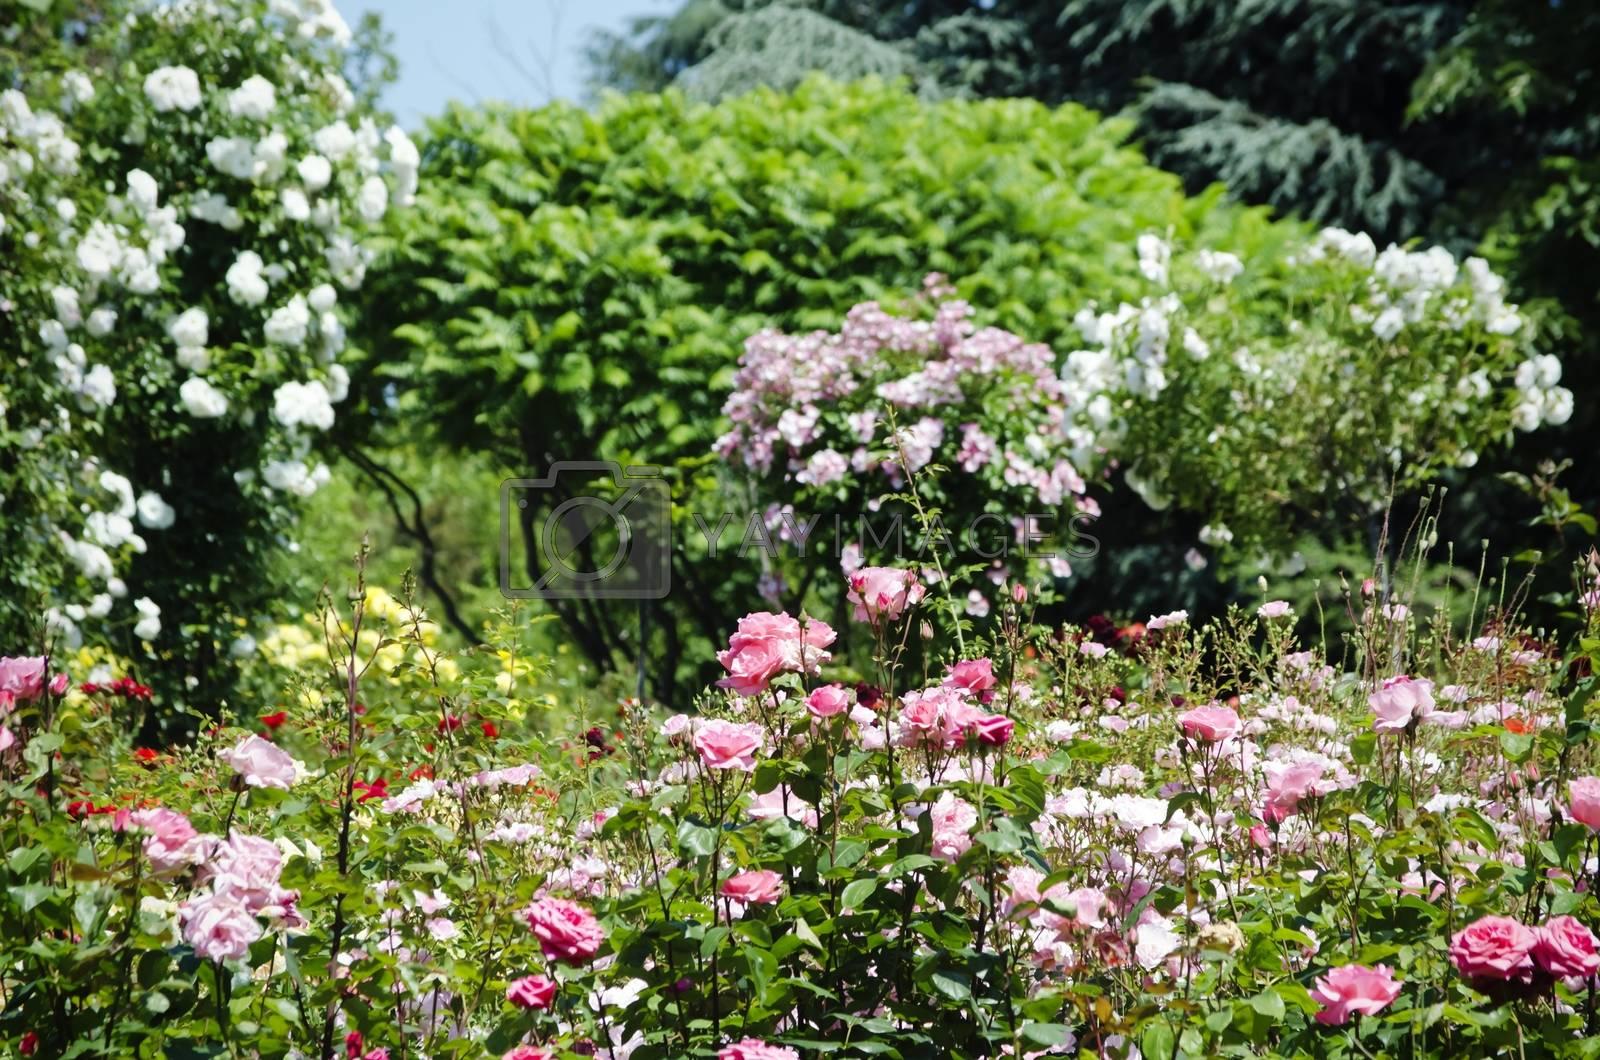 Rose Flower Gardening by razvodovska